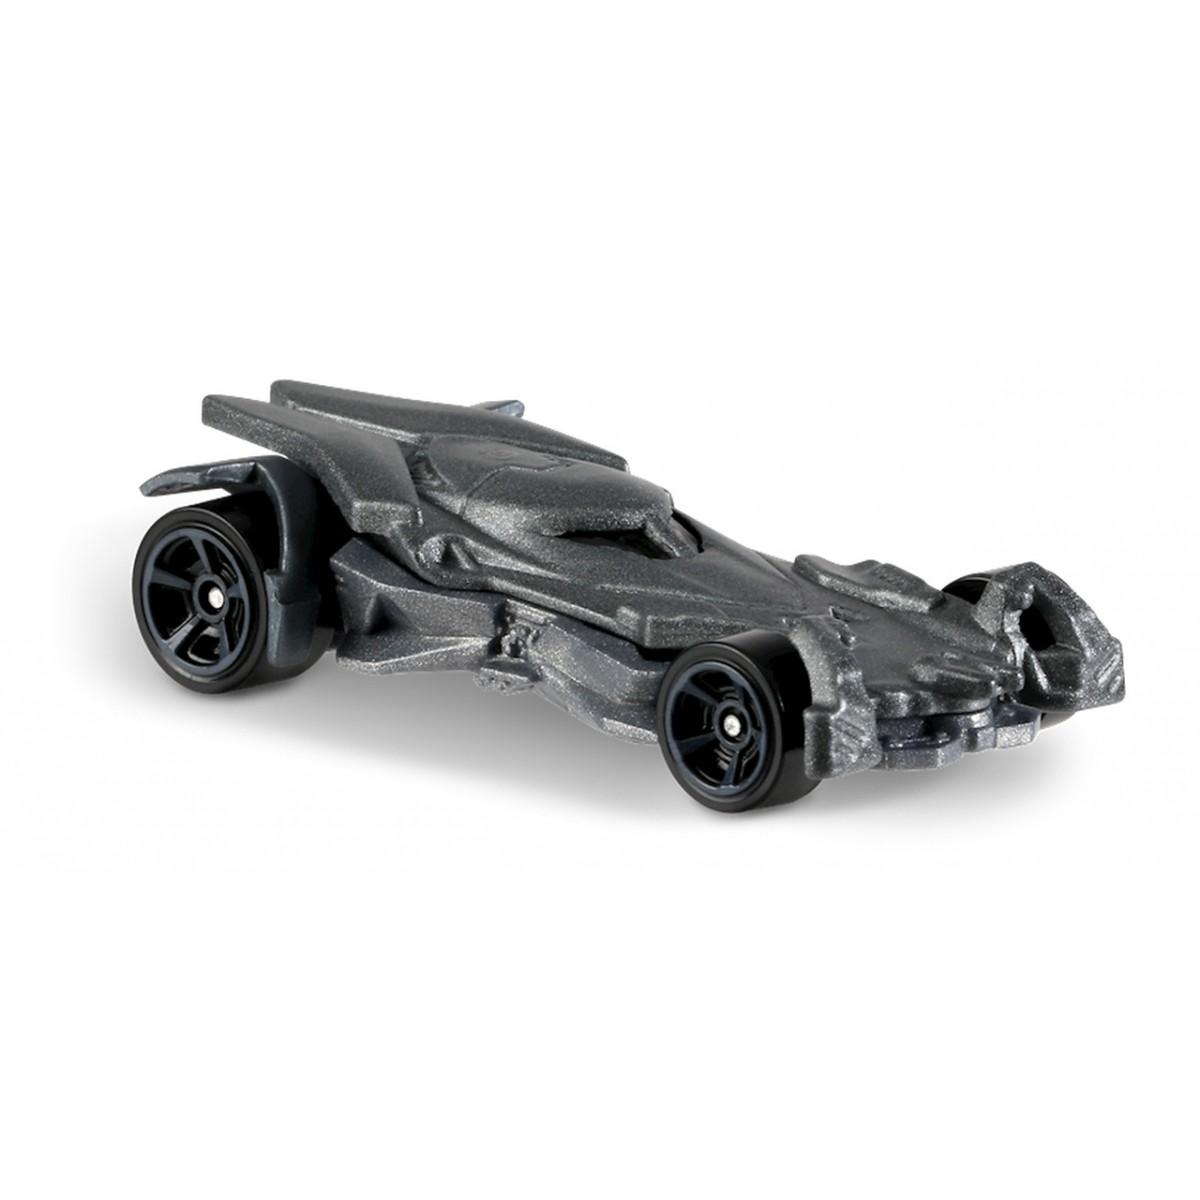 Carrinho Hot Wheels: Batmobile: Batman 2017 Prateado